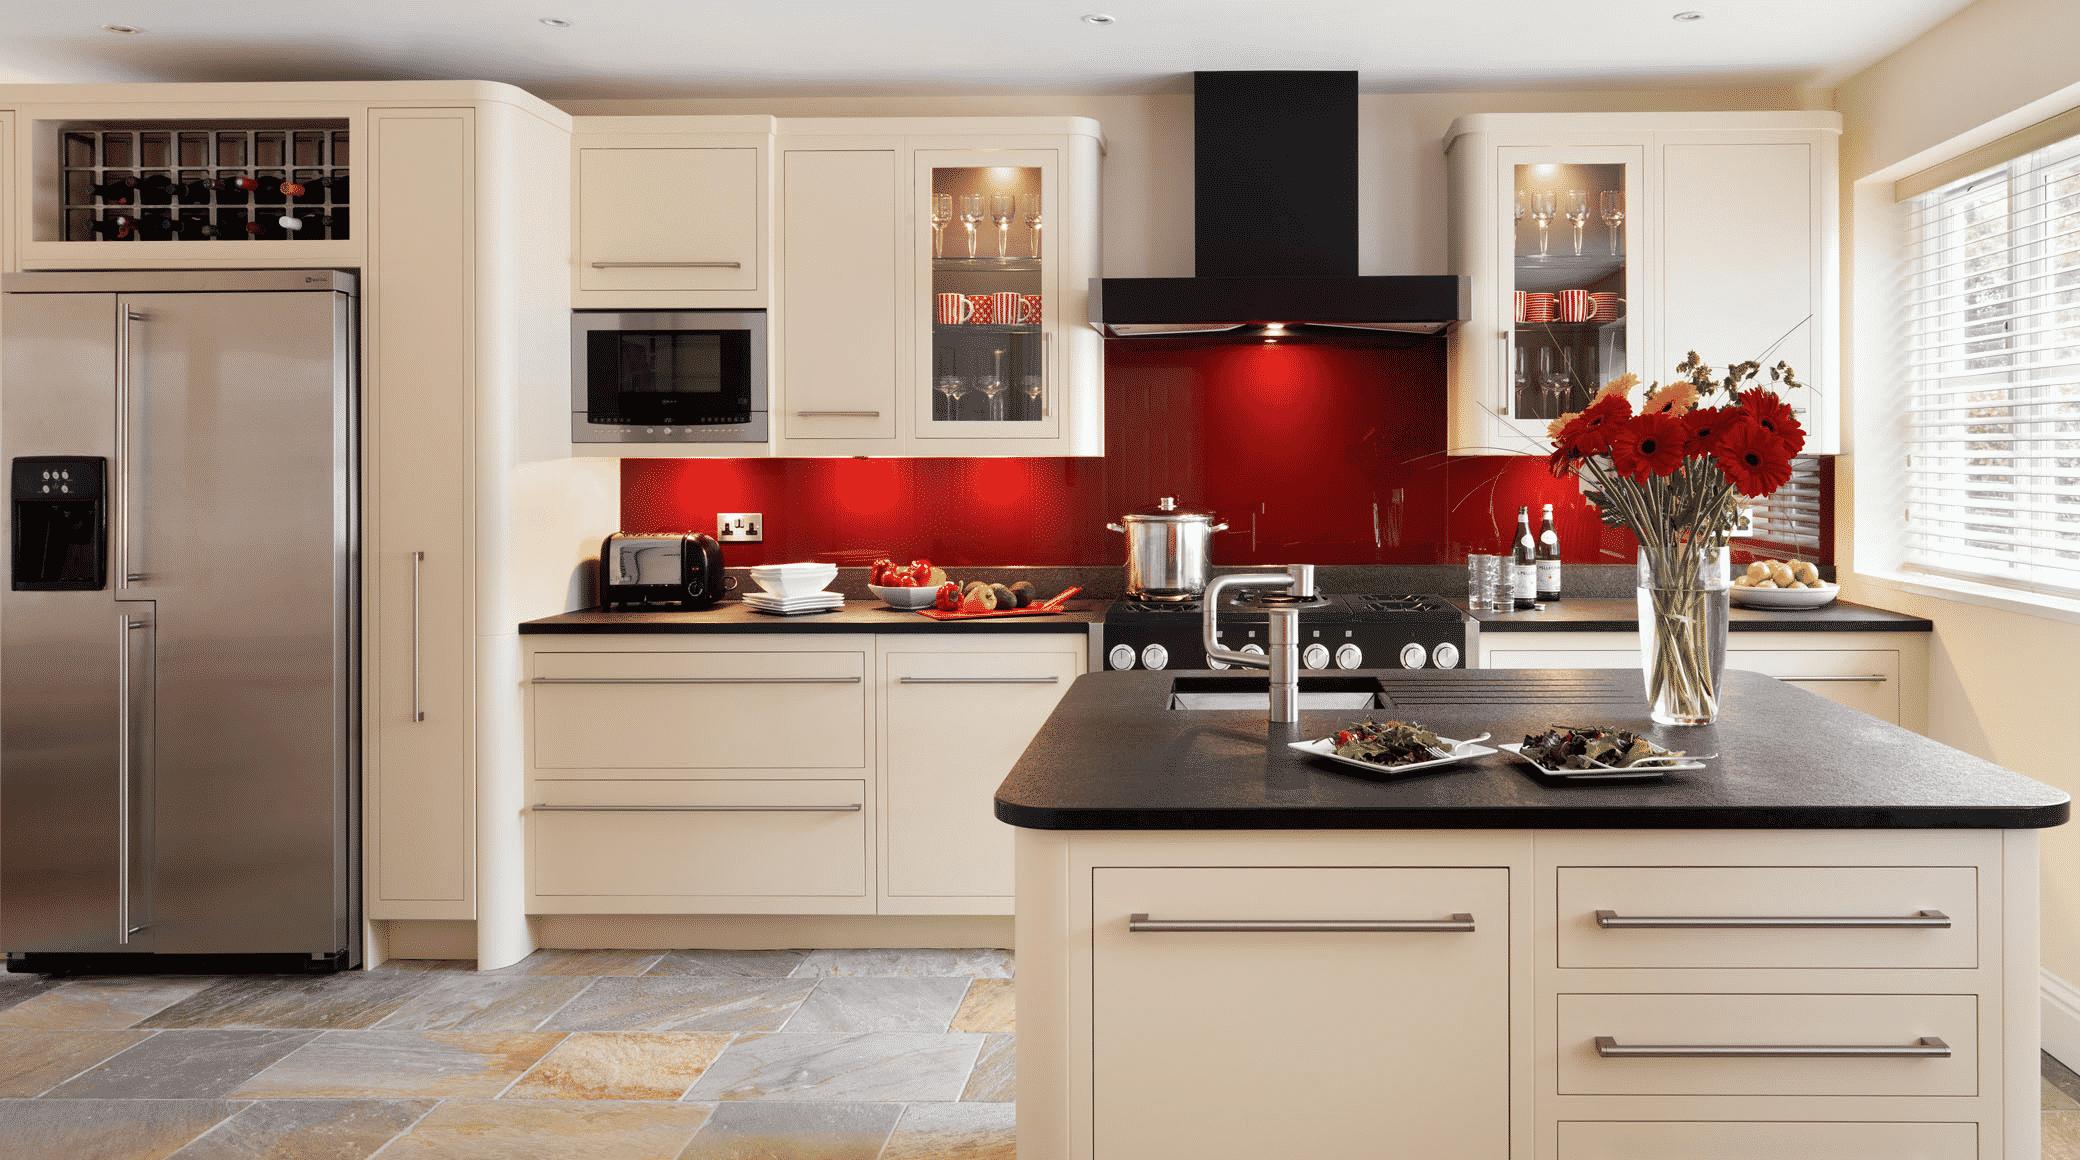 Dapur Hitam Putih Dengan Satu Sisi Dinding Merah Thegorbalsla